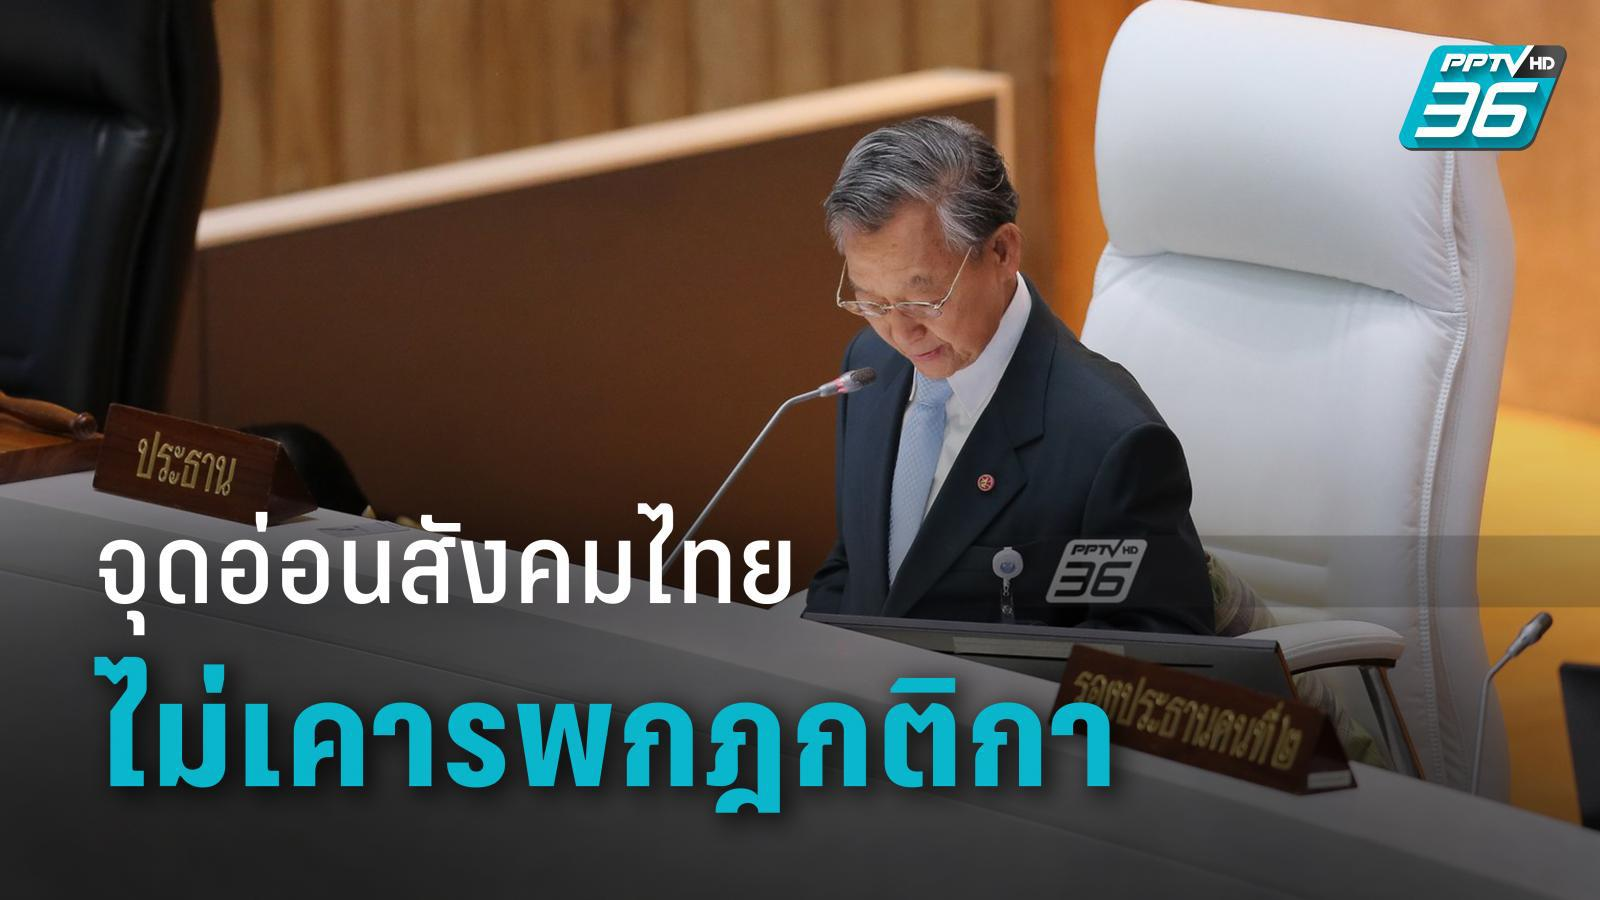 """""""ชวน"""" ยัน ตร.สภาปฏิบัติตามหน้าที่ ปมปะทะผู้ติดตาม รมต.  ชี้จุดอ่อนสังคมไทย """"ไม่เคารพกฎกติกา"""""""